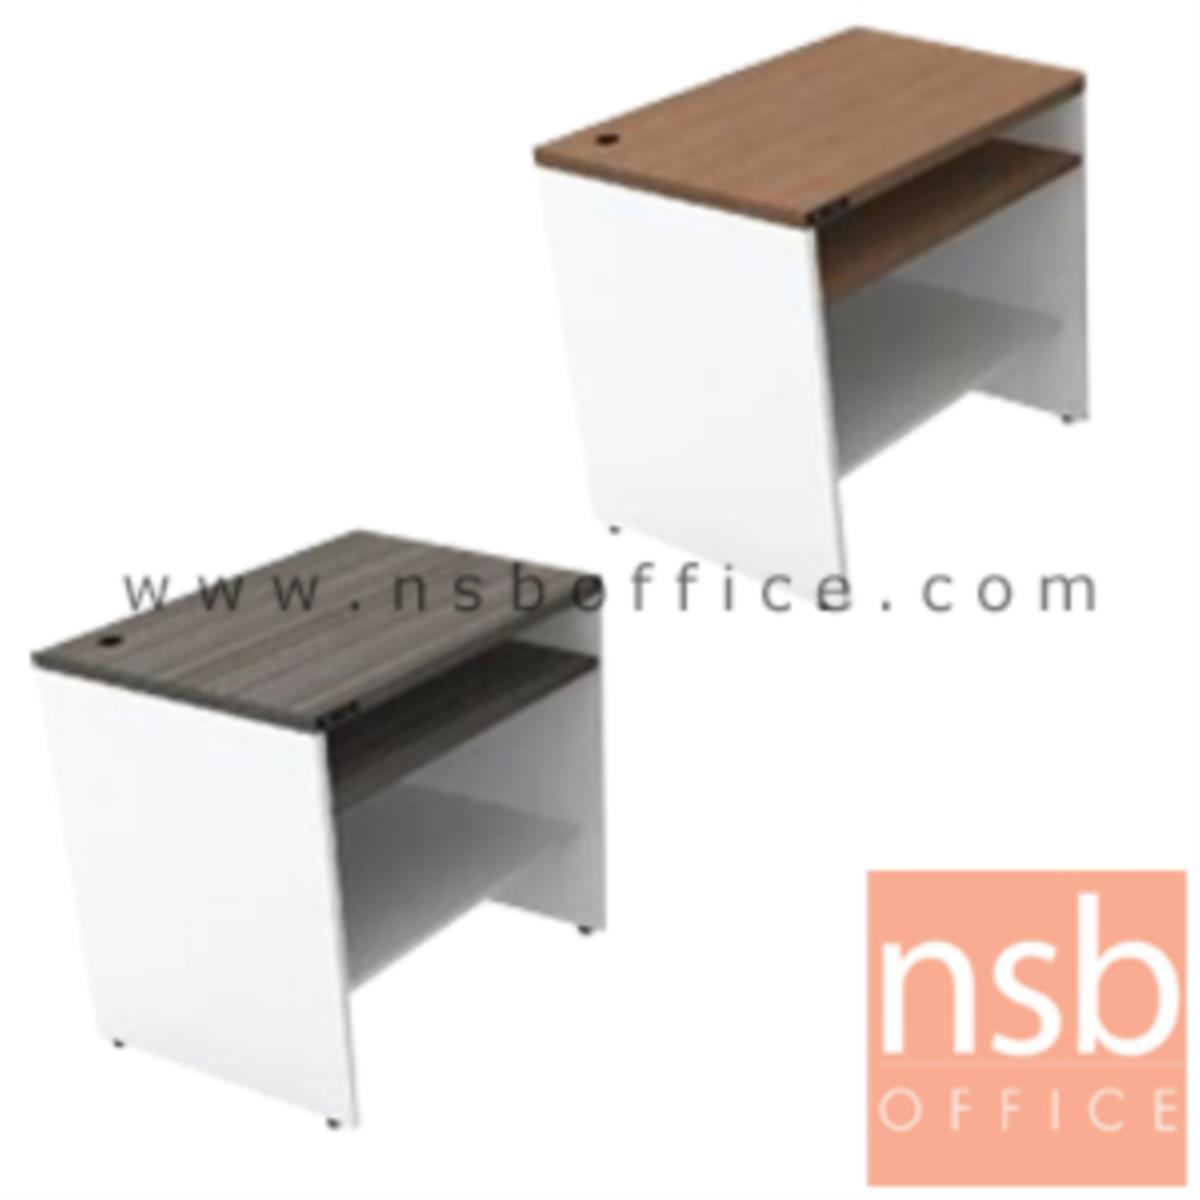 A13A054:โต๊ะคอมพิวเตอร์  รุ่น Naberrie ขนาด 80W cm. พร้อมรางคีย์บอร์ด 2 ตอน เมลามีน